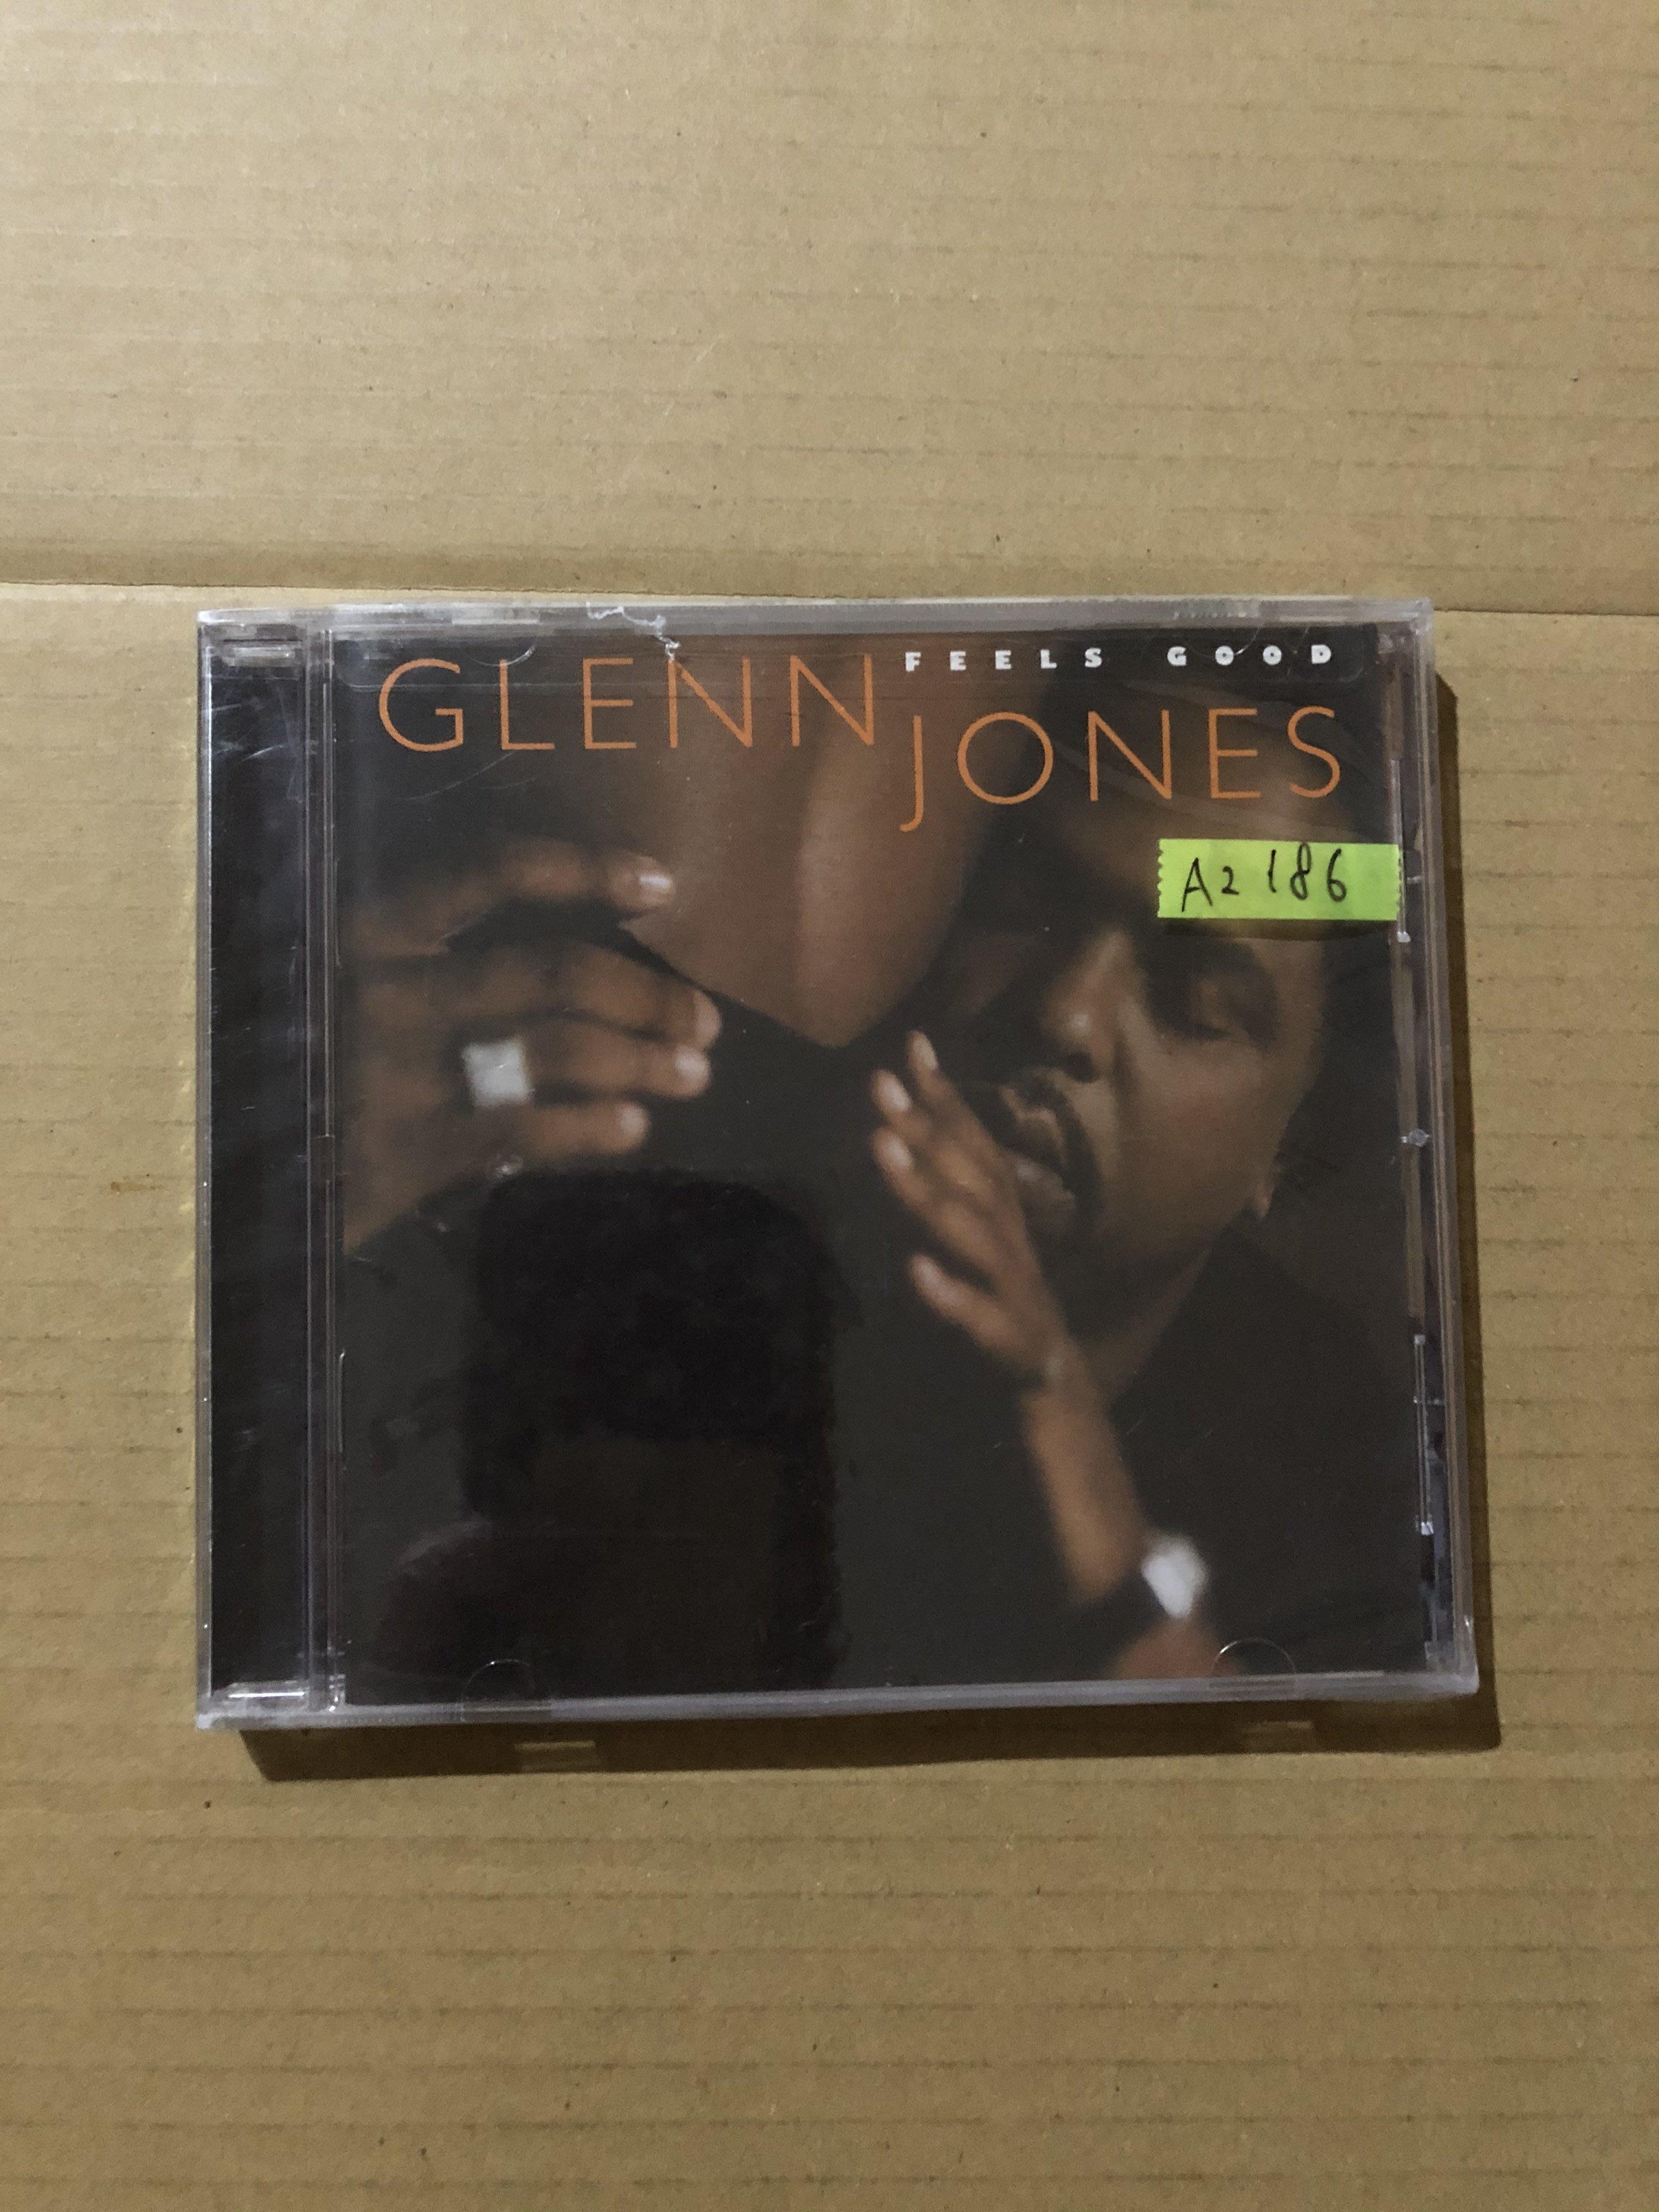 *還有唱片二館*GLENN JONES / FEELS GOOD 全新 A2186(下標幫結)